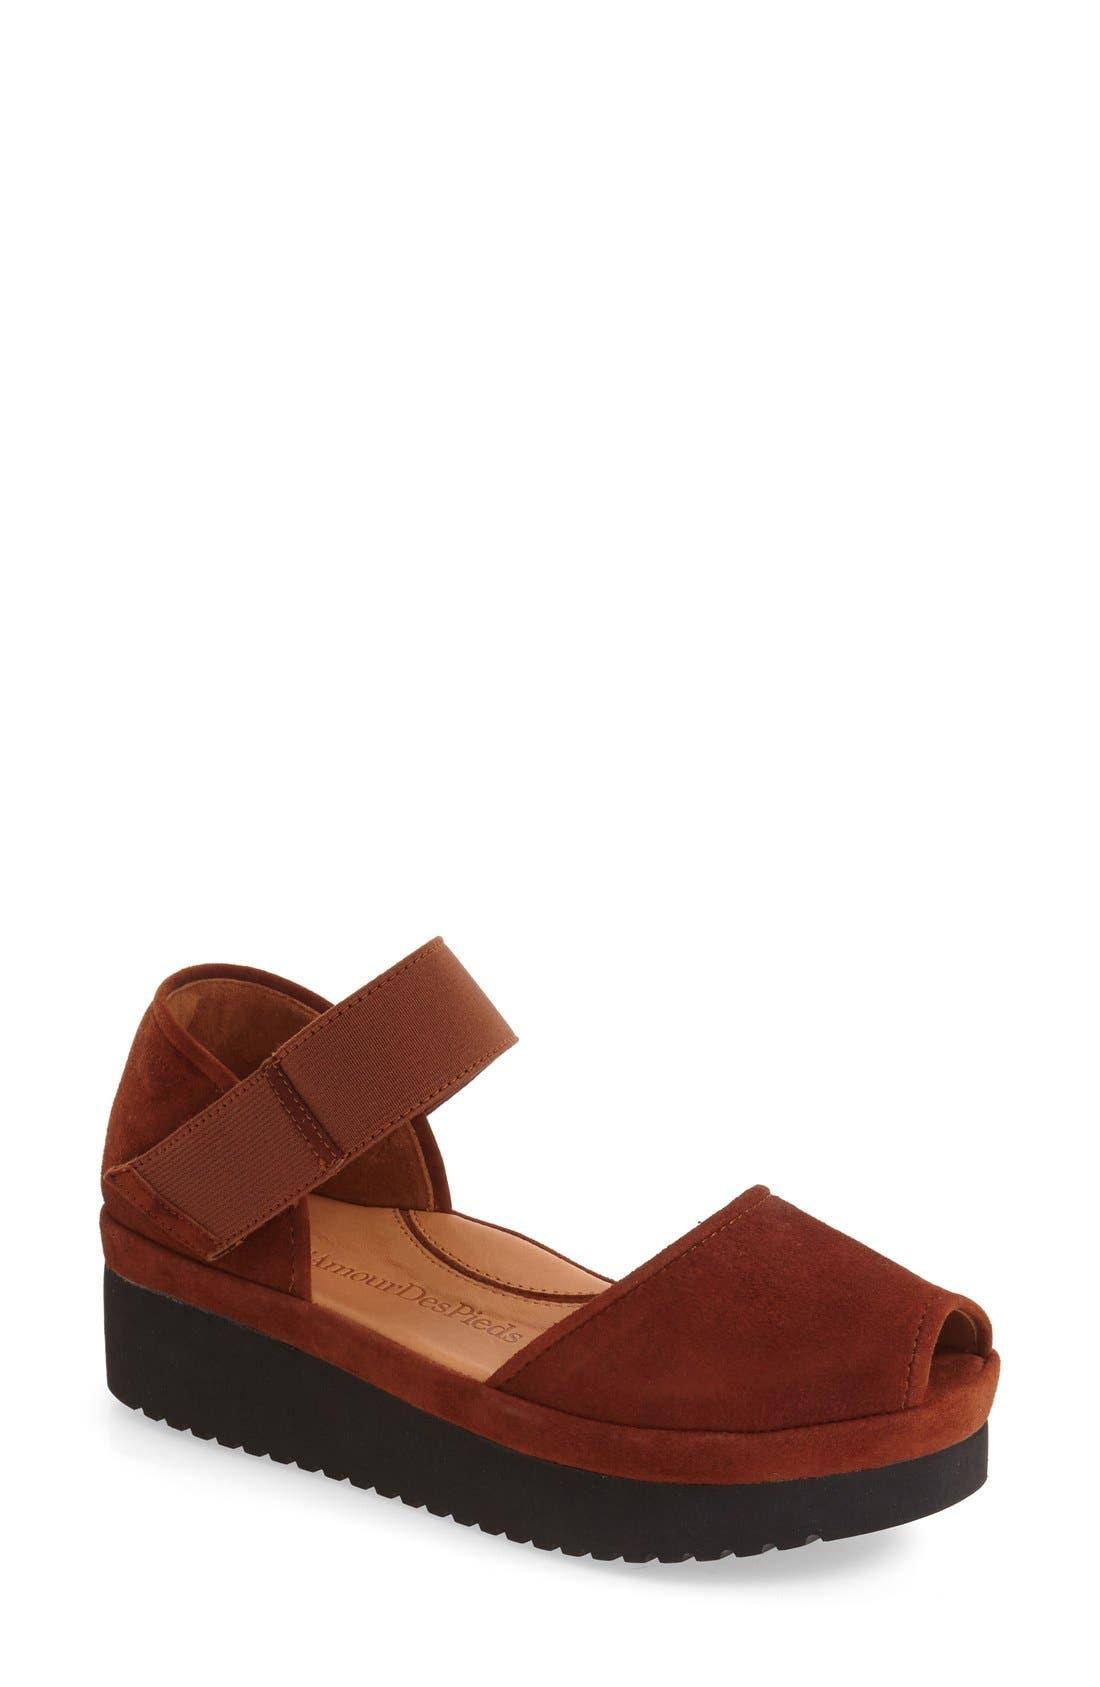 'Amadour' Platform Sandal,                             Main thumbnail 6, color,